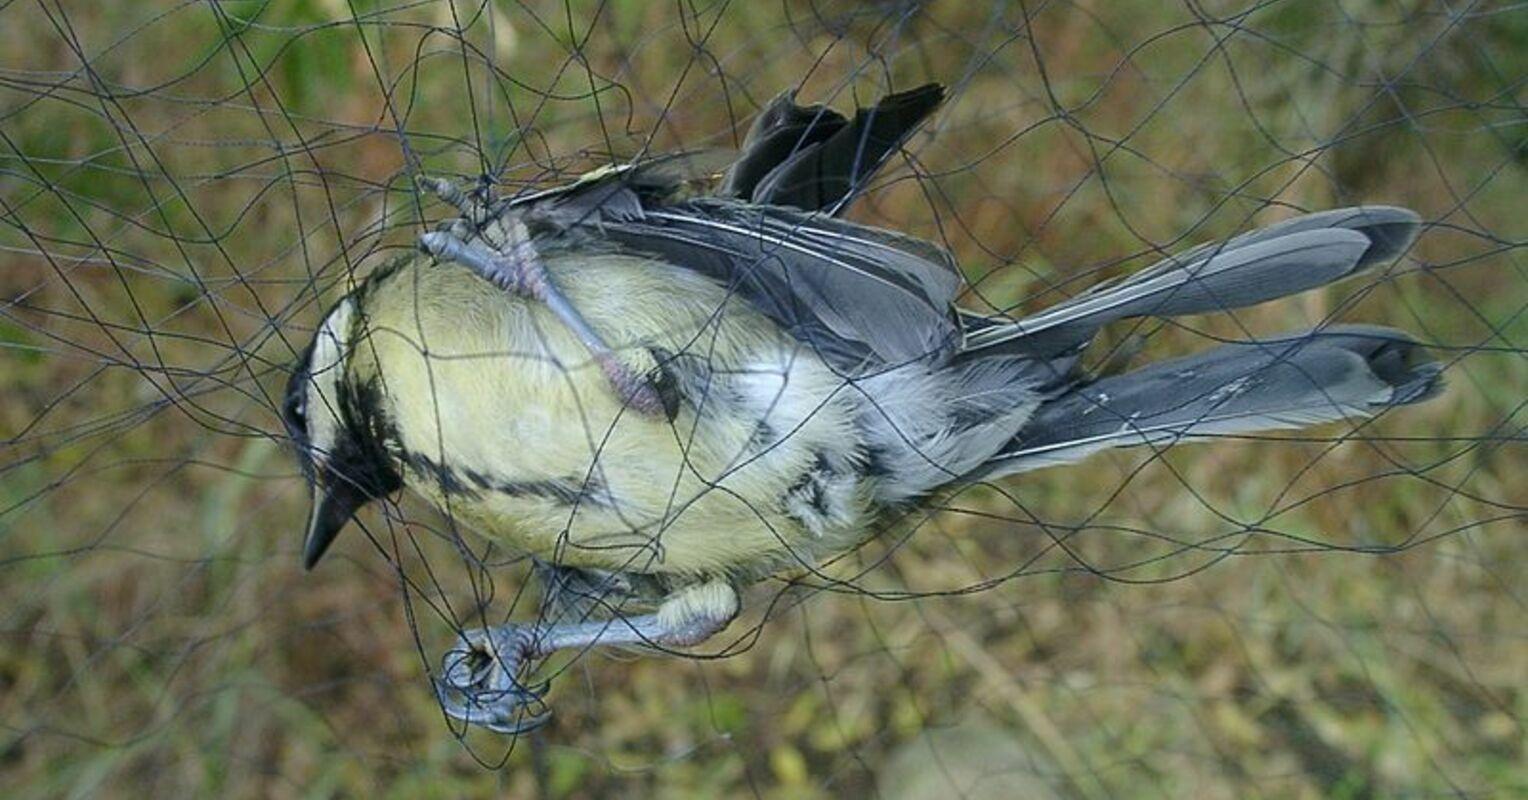 A bird caught in a mist net